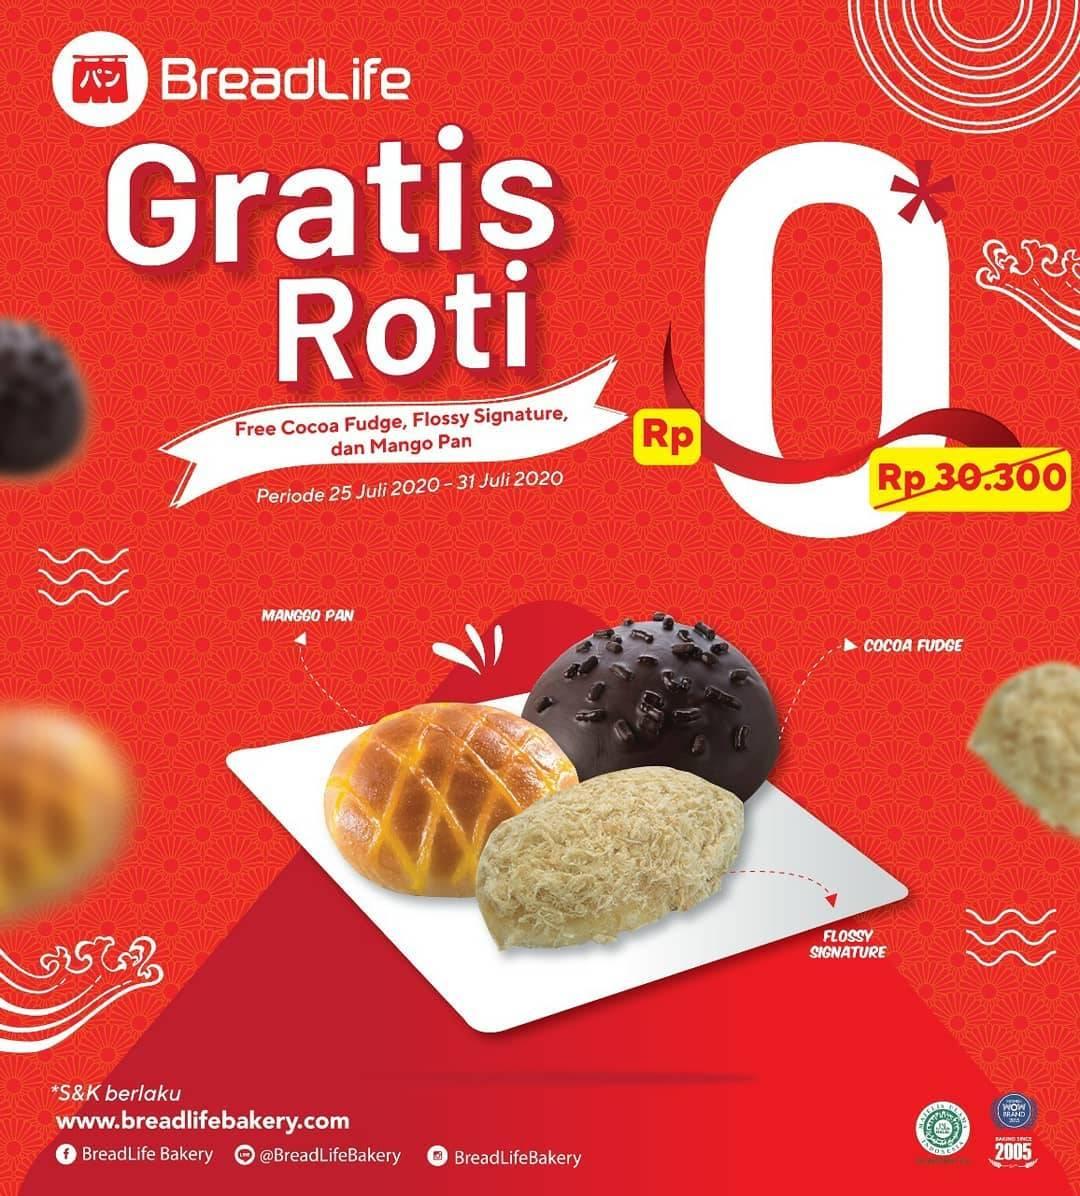 Diskon Promo Breadlife Gratis Roti Favorit Setiap Minimal Transaksi Rp. 50.000